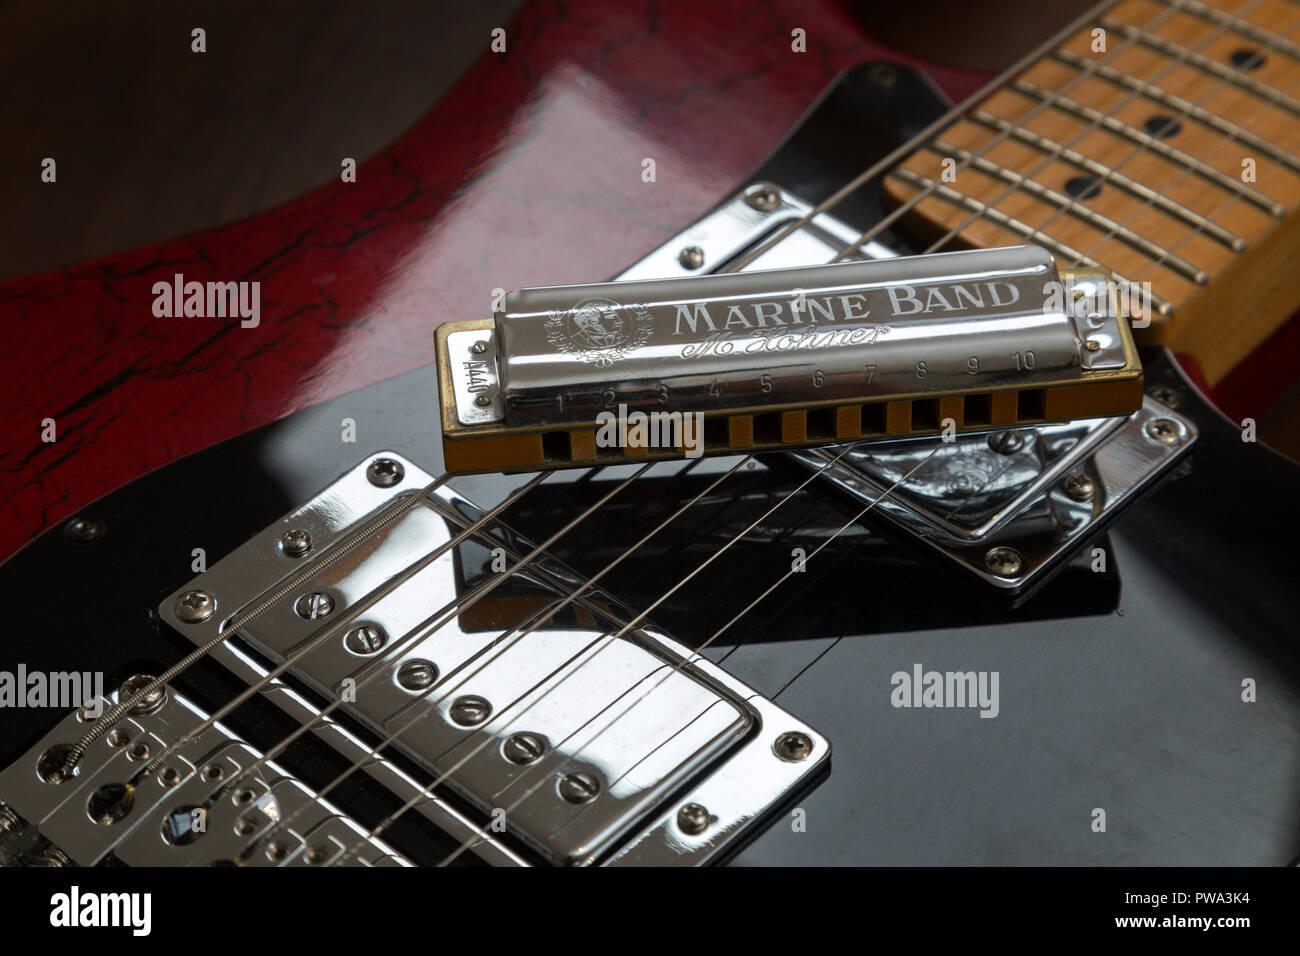 Harmonica Stock Photos Amp Harmonica Stock Images Alamy